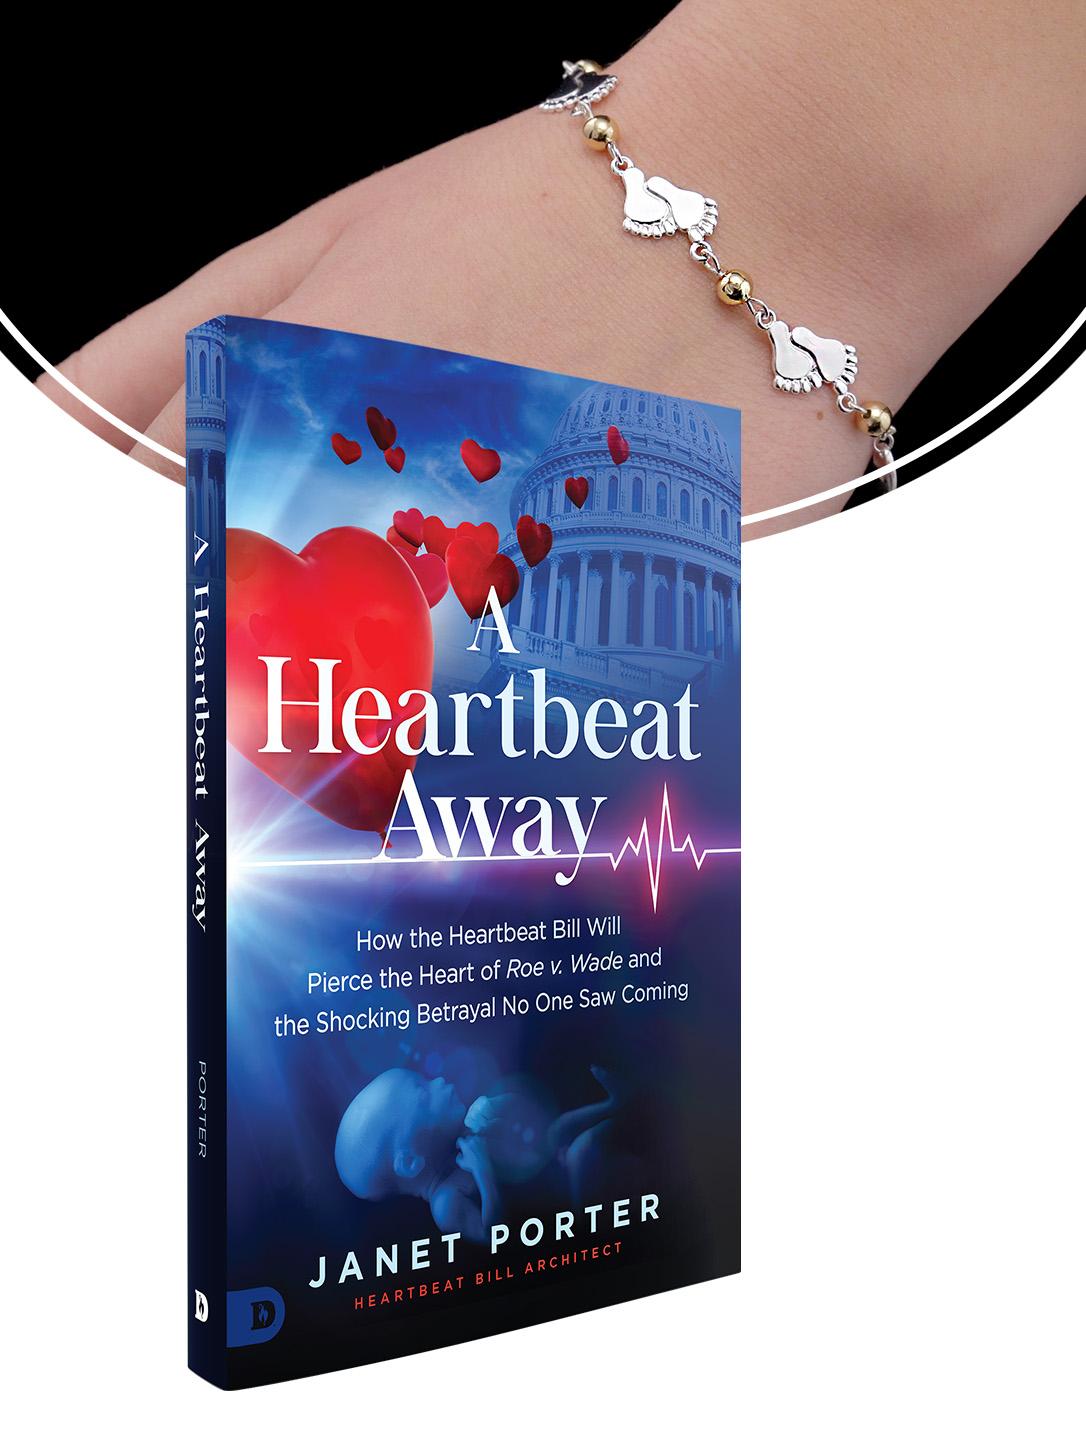 A Heartbeat Away Book Offer